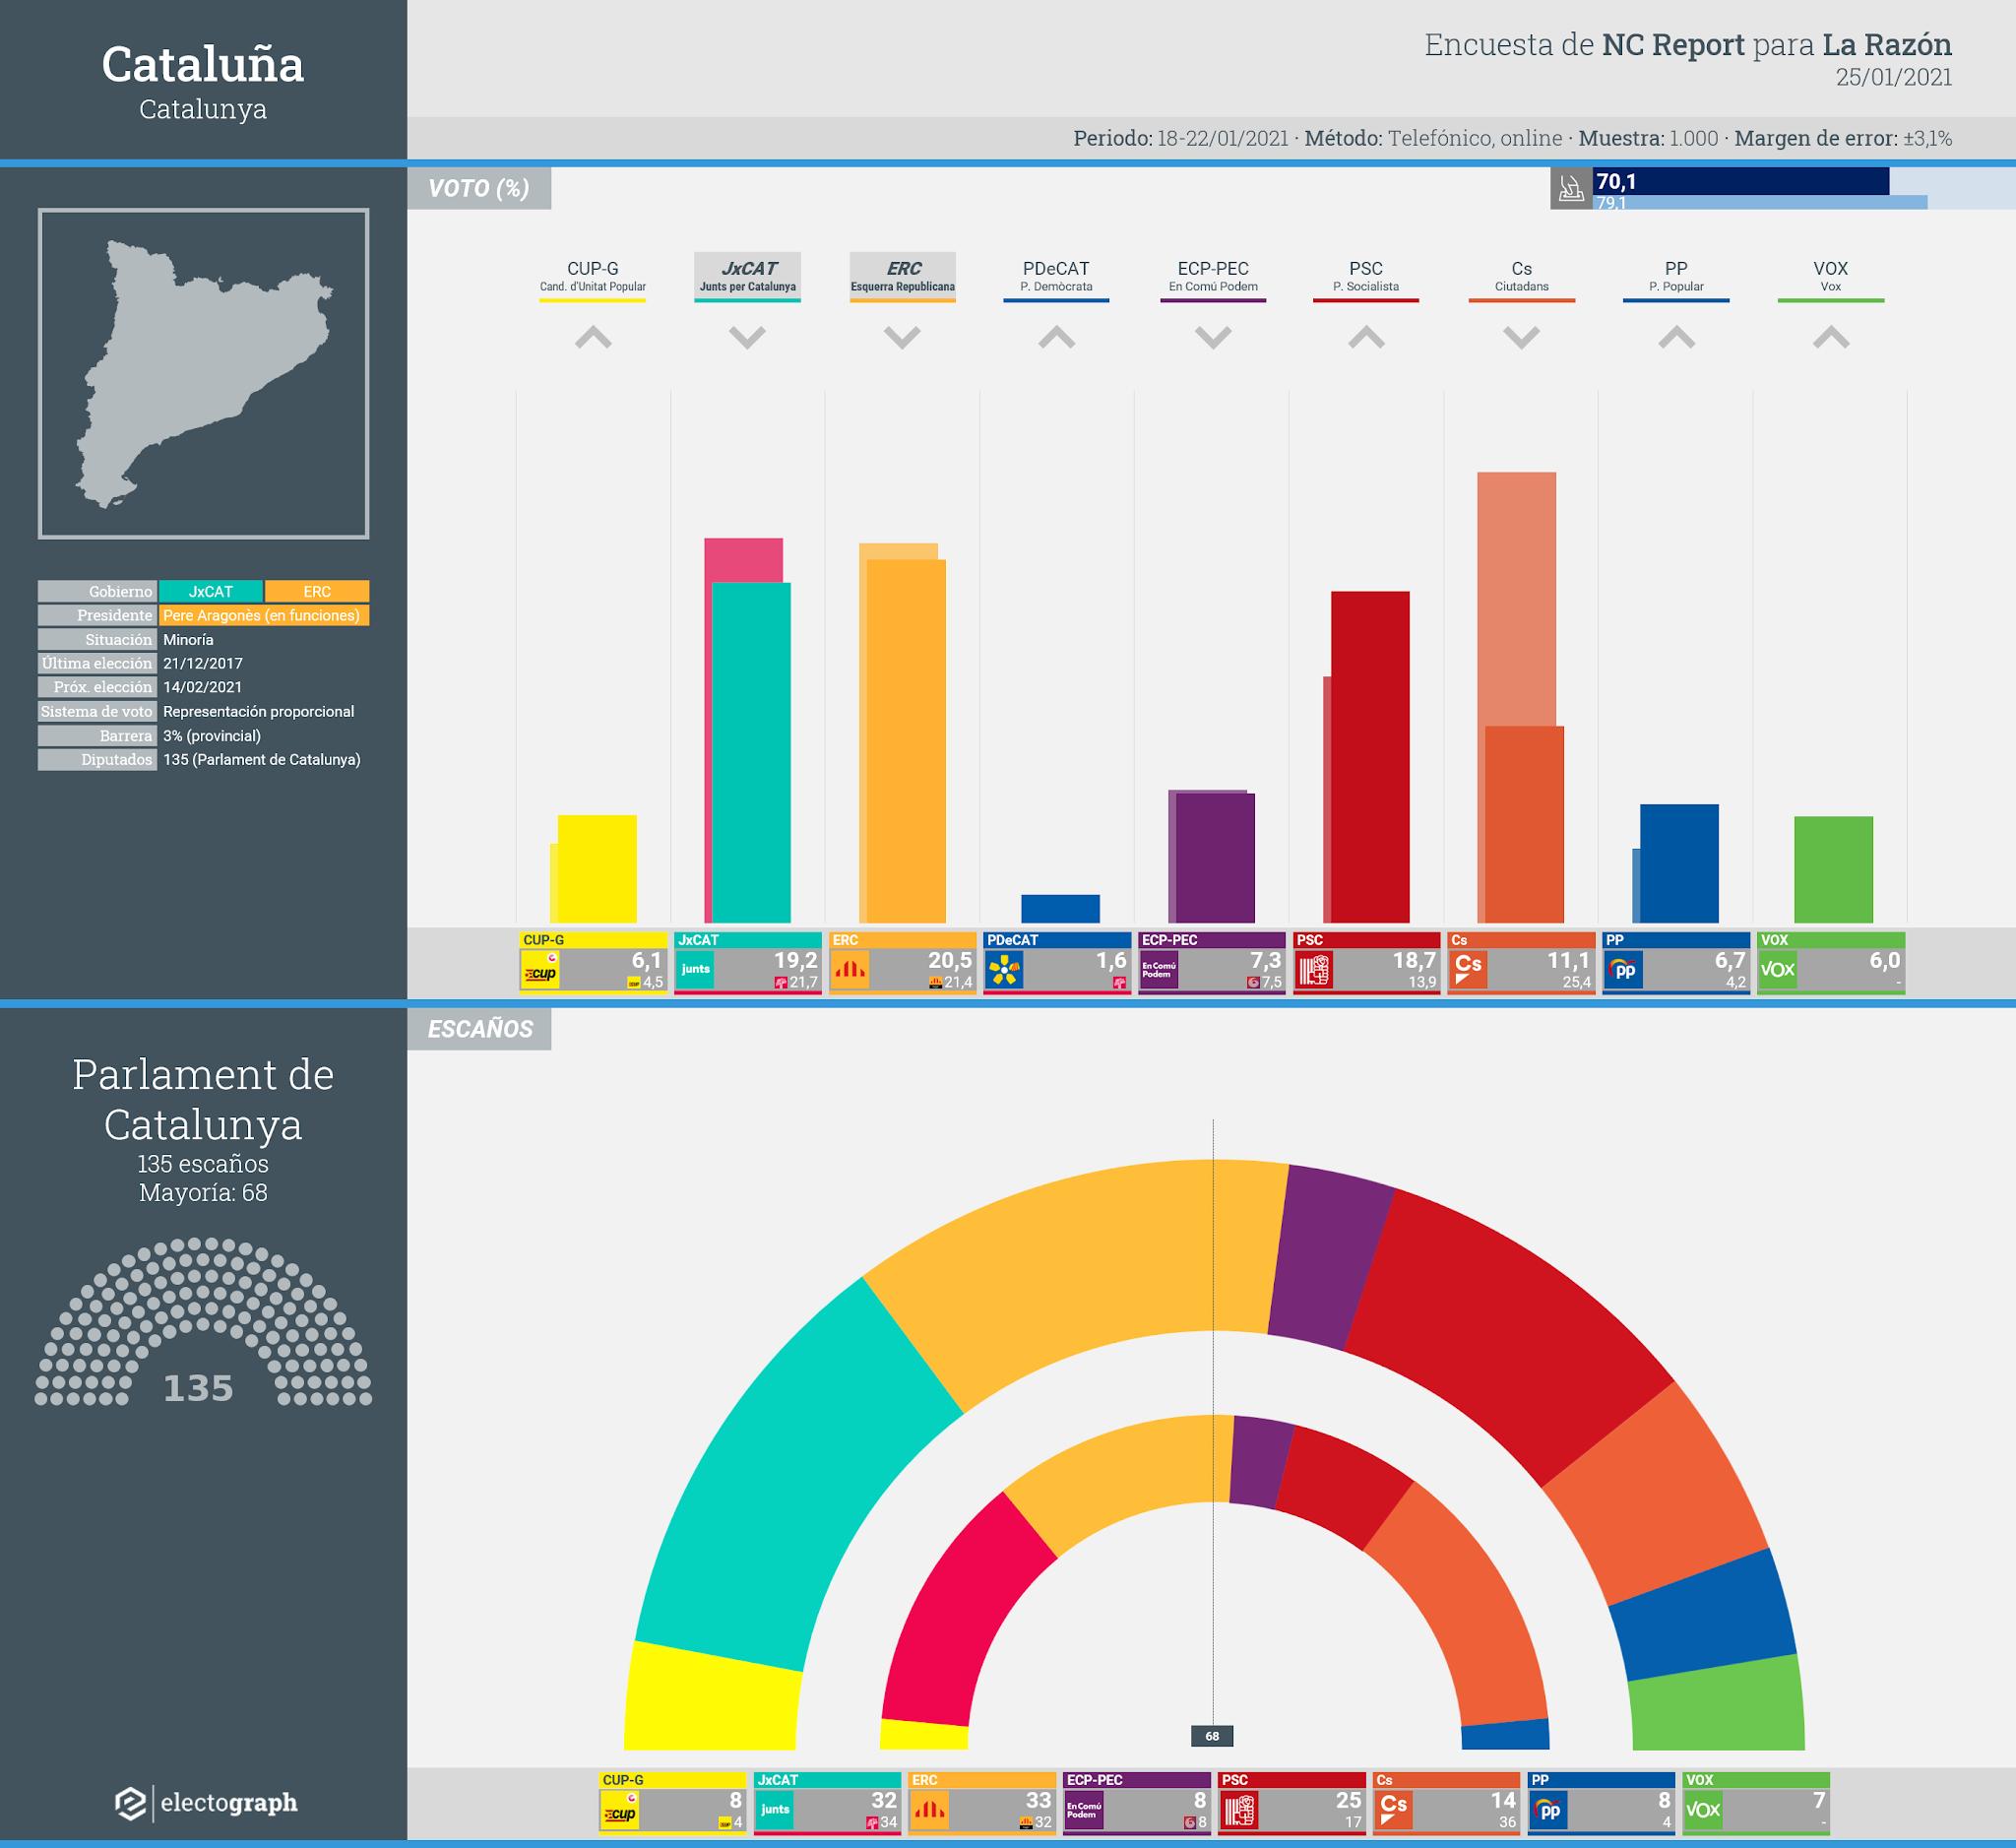 Gráfico de la encuesta para elecciones generales en Cataluña realizada por NC Report para La Razón, 25 enero 2021